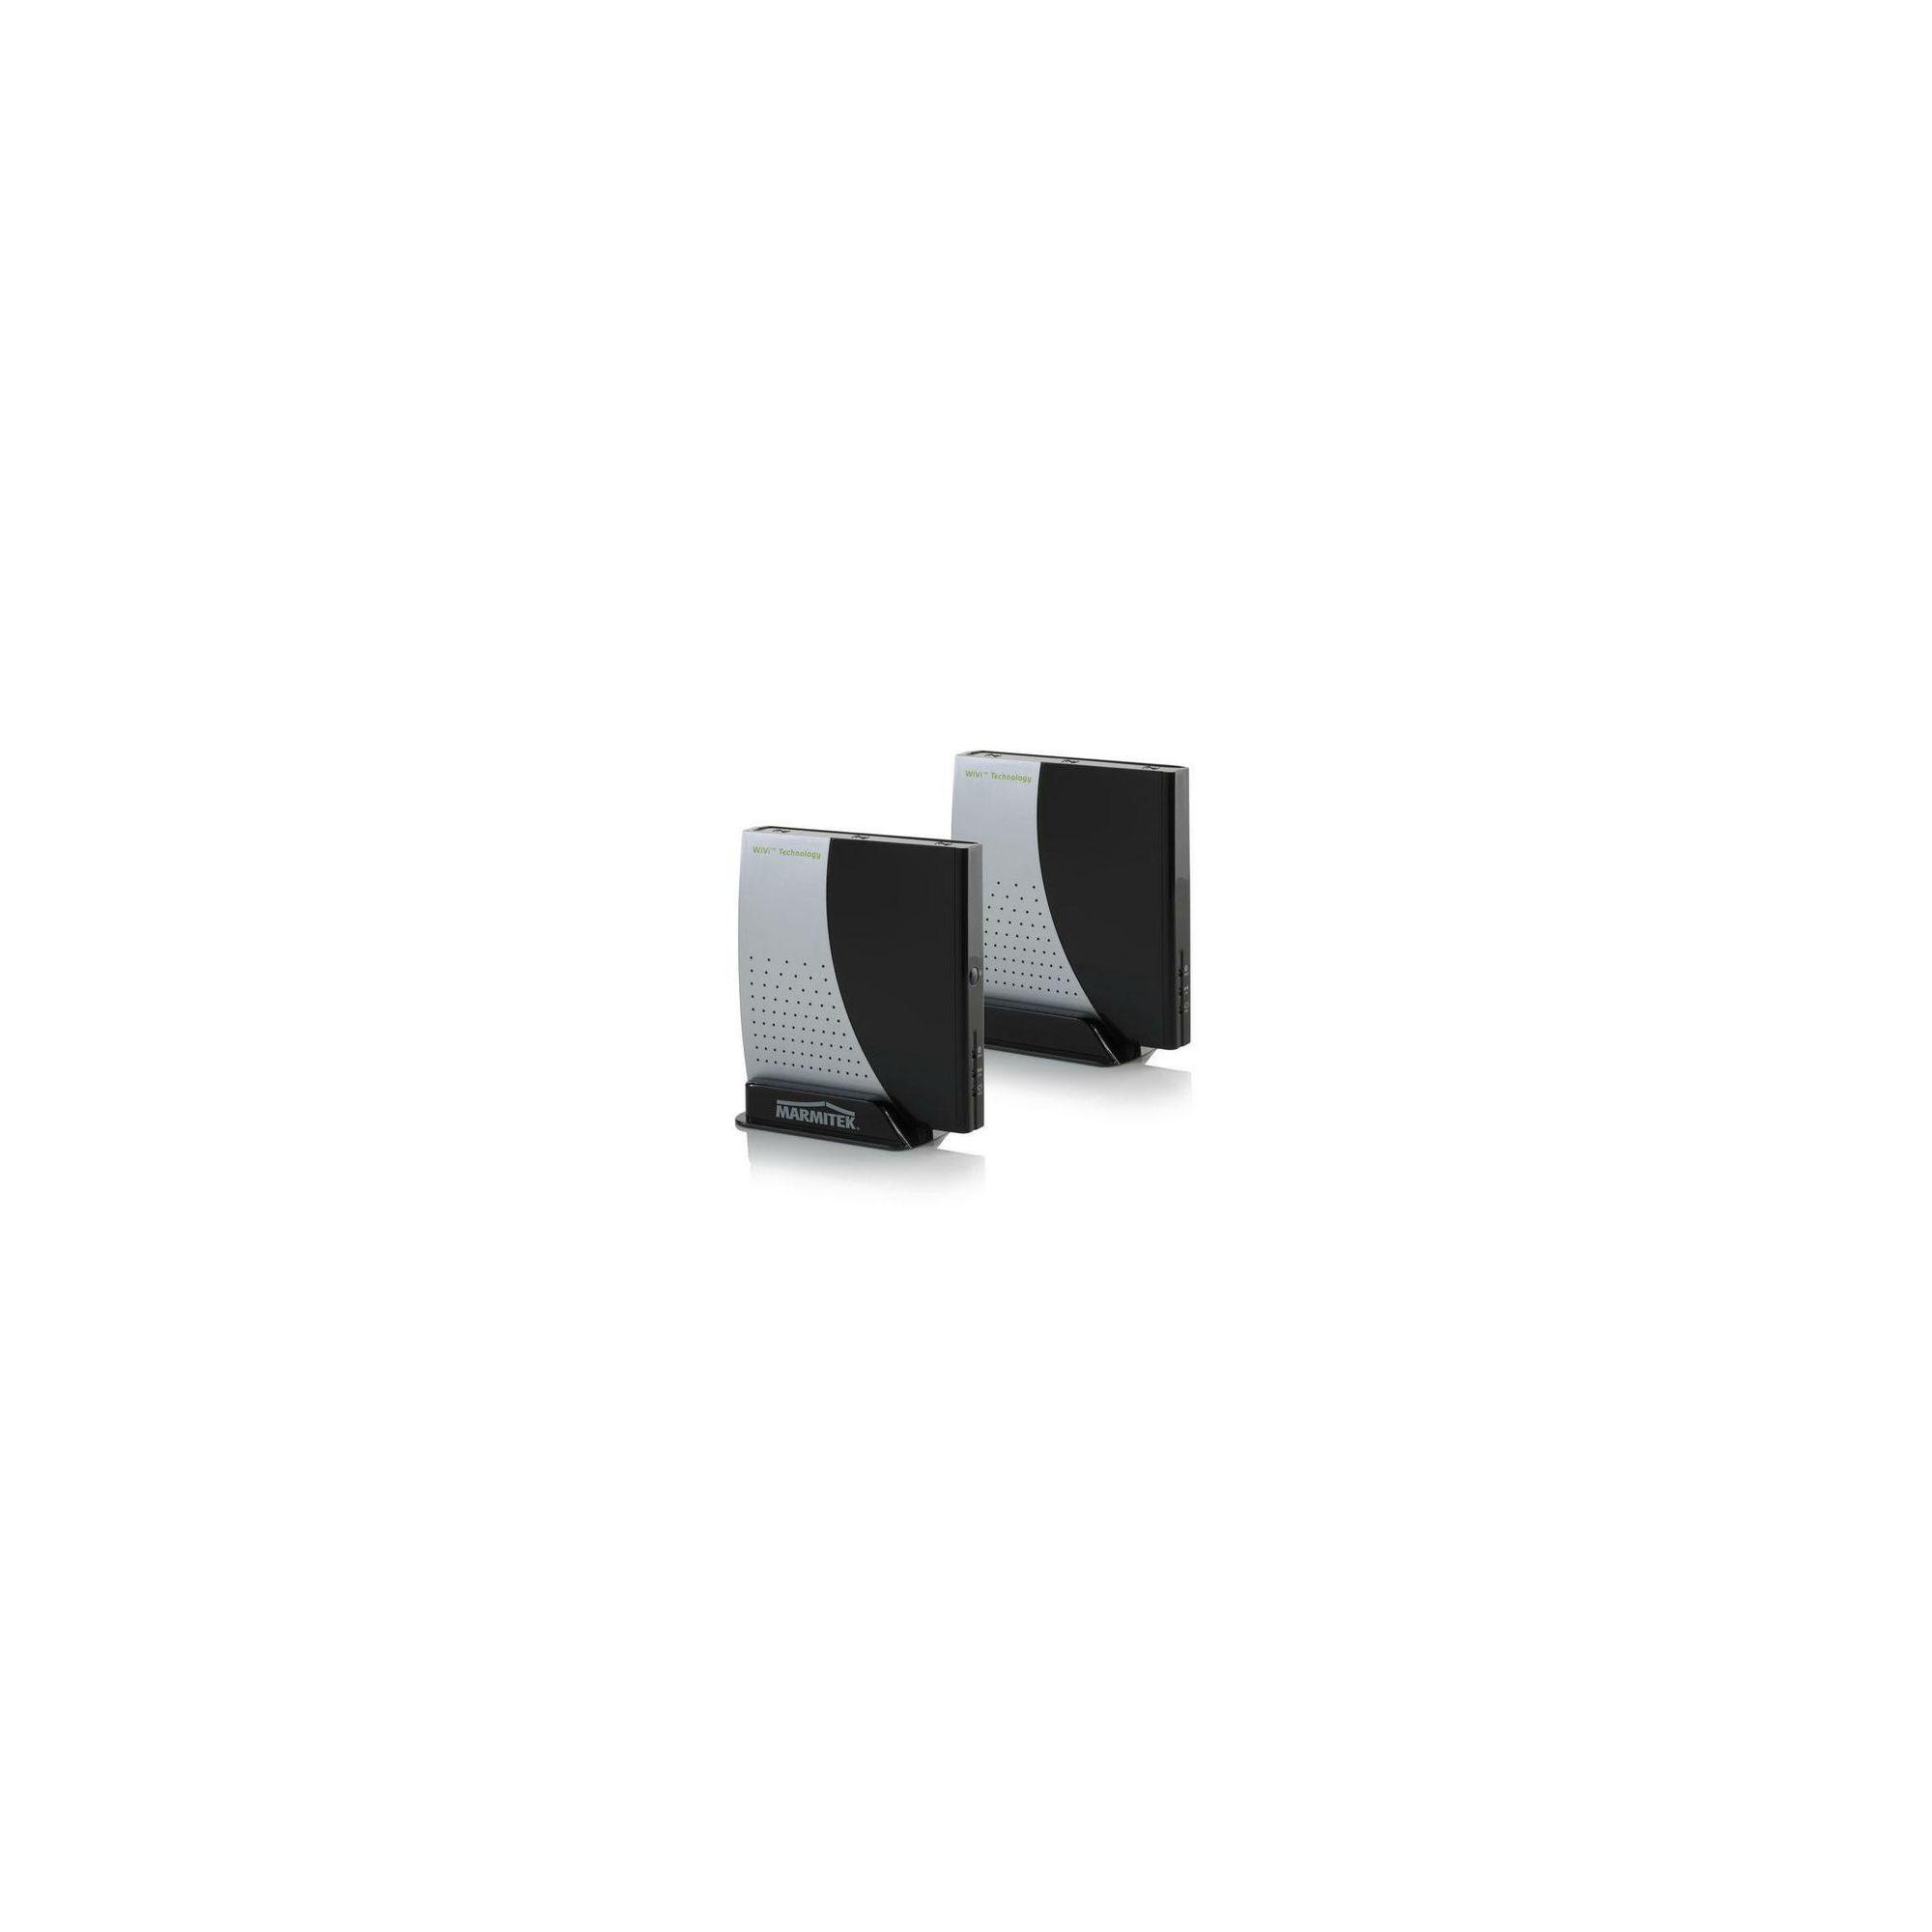 GIGAVIEW 745 Digital Wireless AV Sender Kit at Tescos Direct